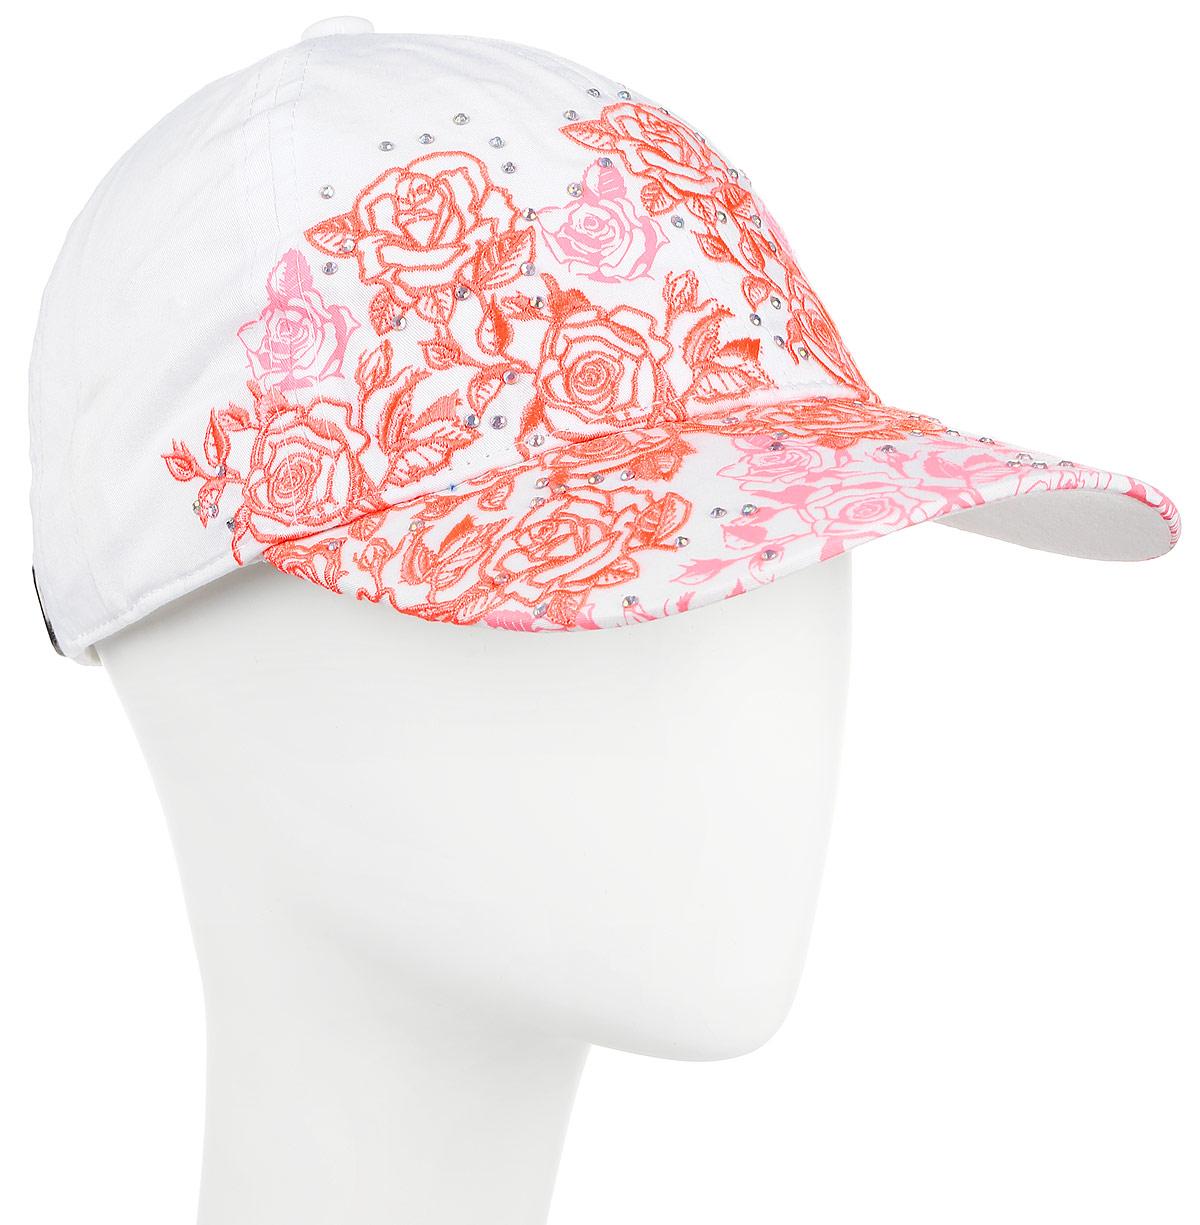 Бейсболка женская Maxval, цвет: белый, розовый. BW151014. Размер 56/58BW151014Бейсболка классической формы в сочетании с яркой неоновой тканью, легкой цветочной вышивкой и принтом, будто кружево ложится на форму. Дополняют композицию изысканно поблескивающие стразы. Стиль бейсболки подчеркнуто романтичен и будет прекрасным дополнением летнему образу любой женщины.